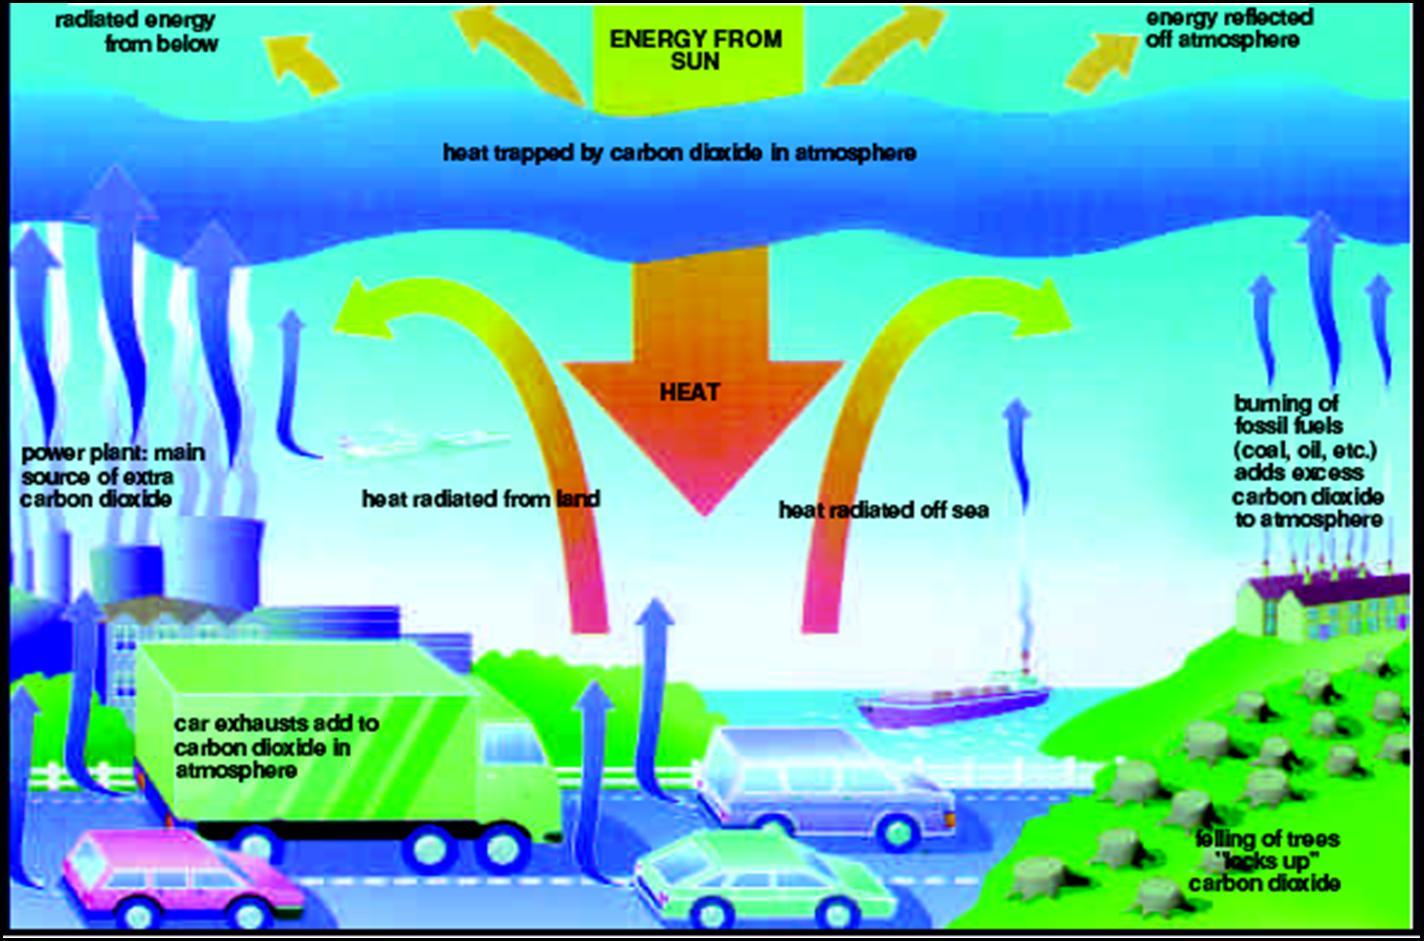 Global Warming Visusal on Global Warming Car Fumes